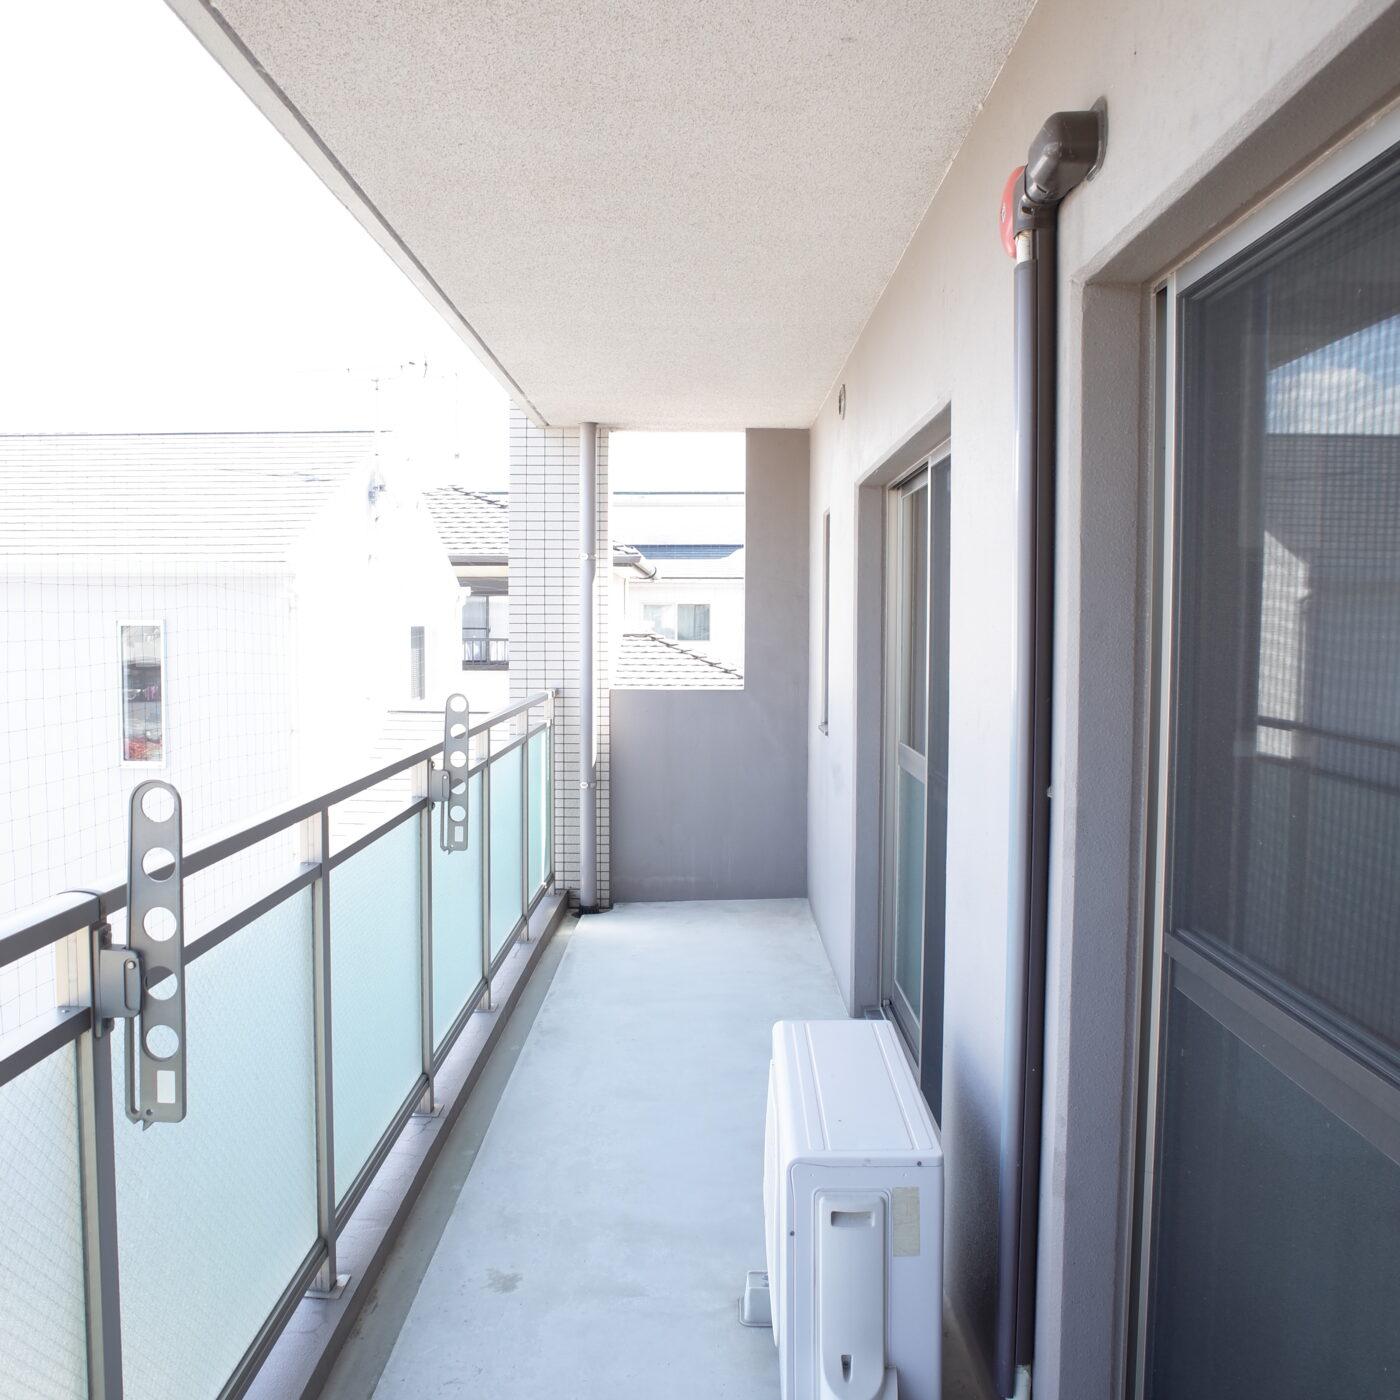 九州大学 伊都キャンパス 賃貸 学生専用 マンション 一人暮し 住まい